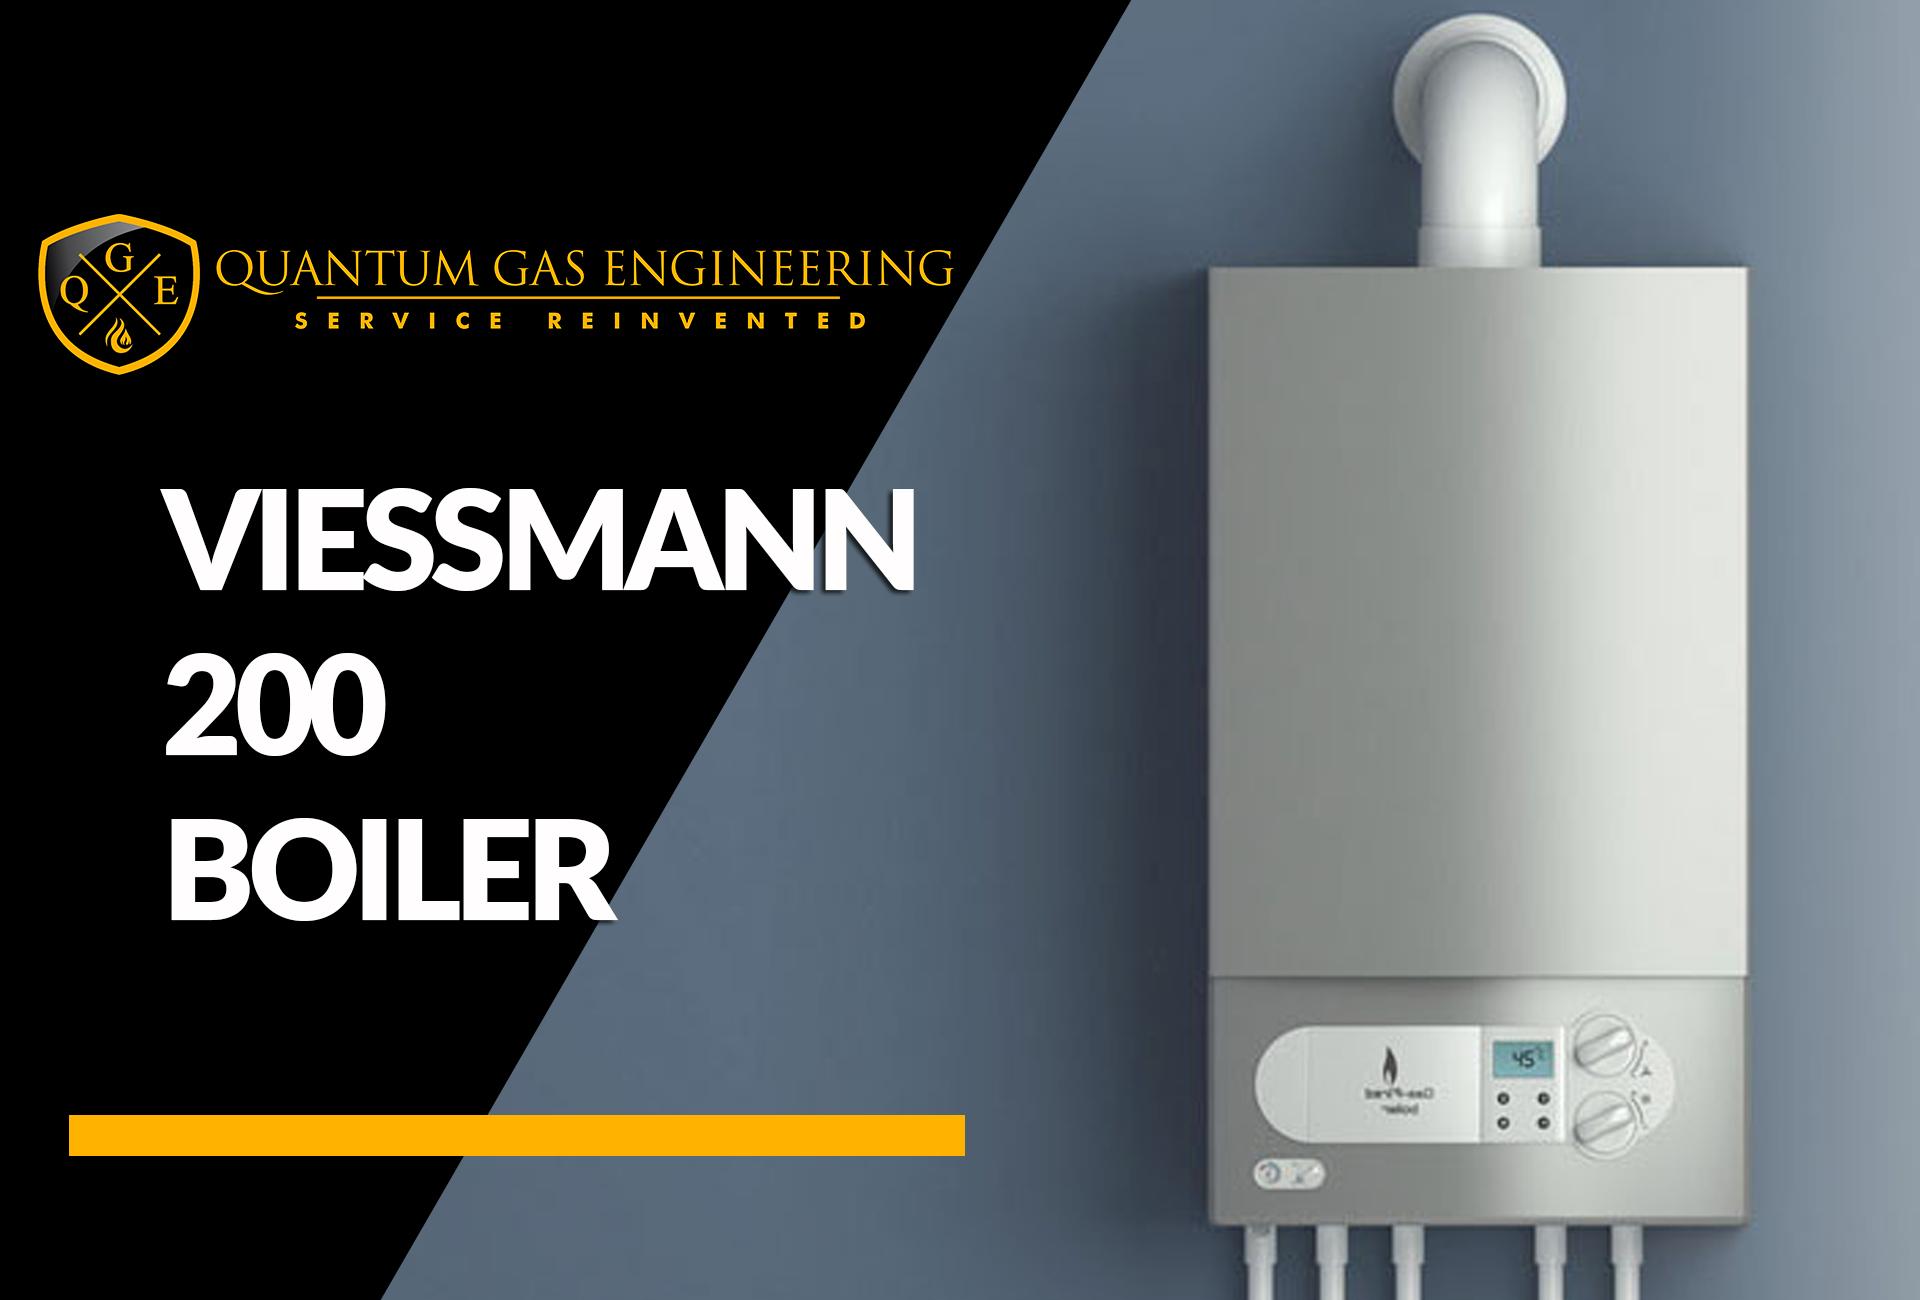 viessmann 200 boiler